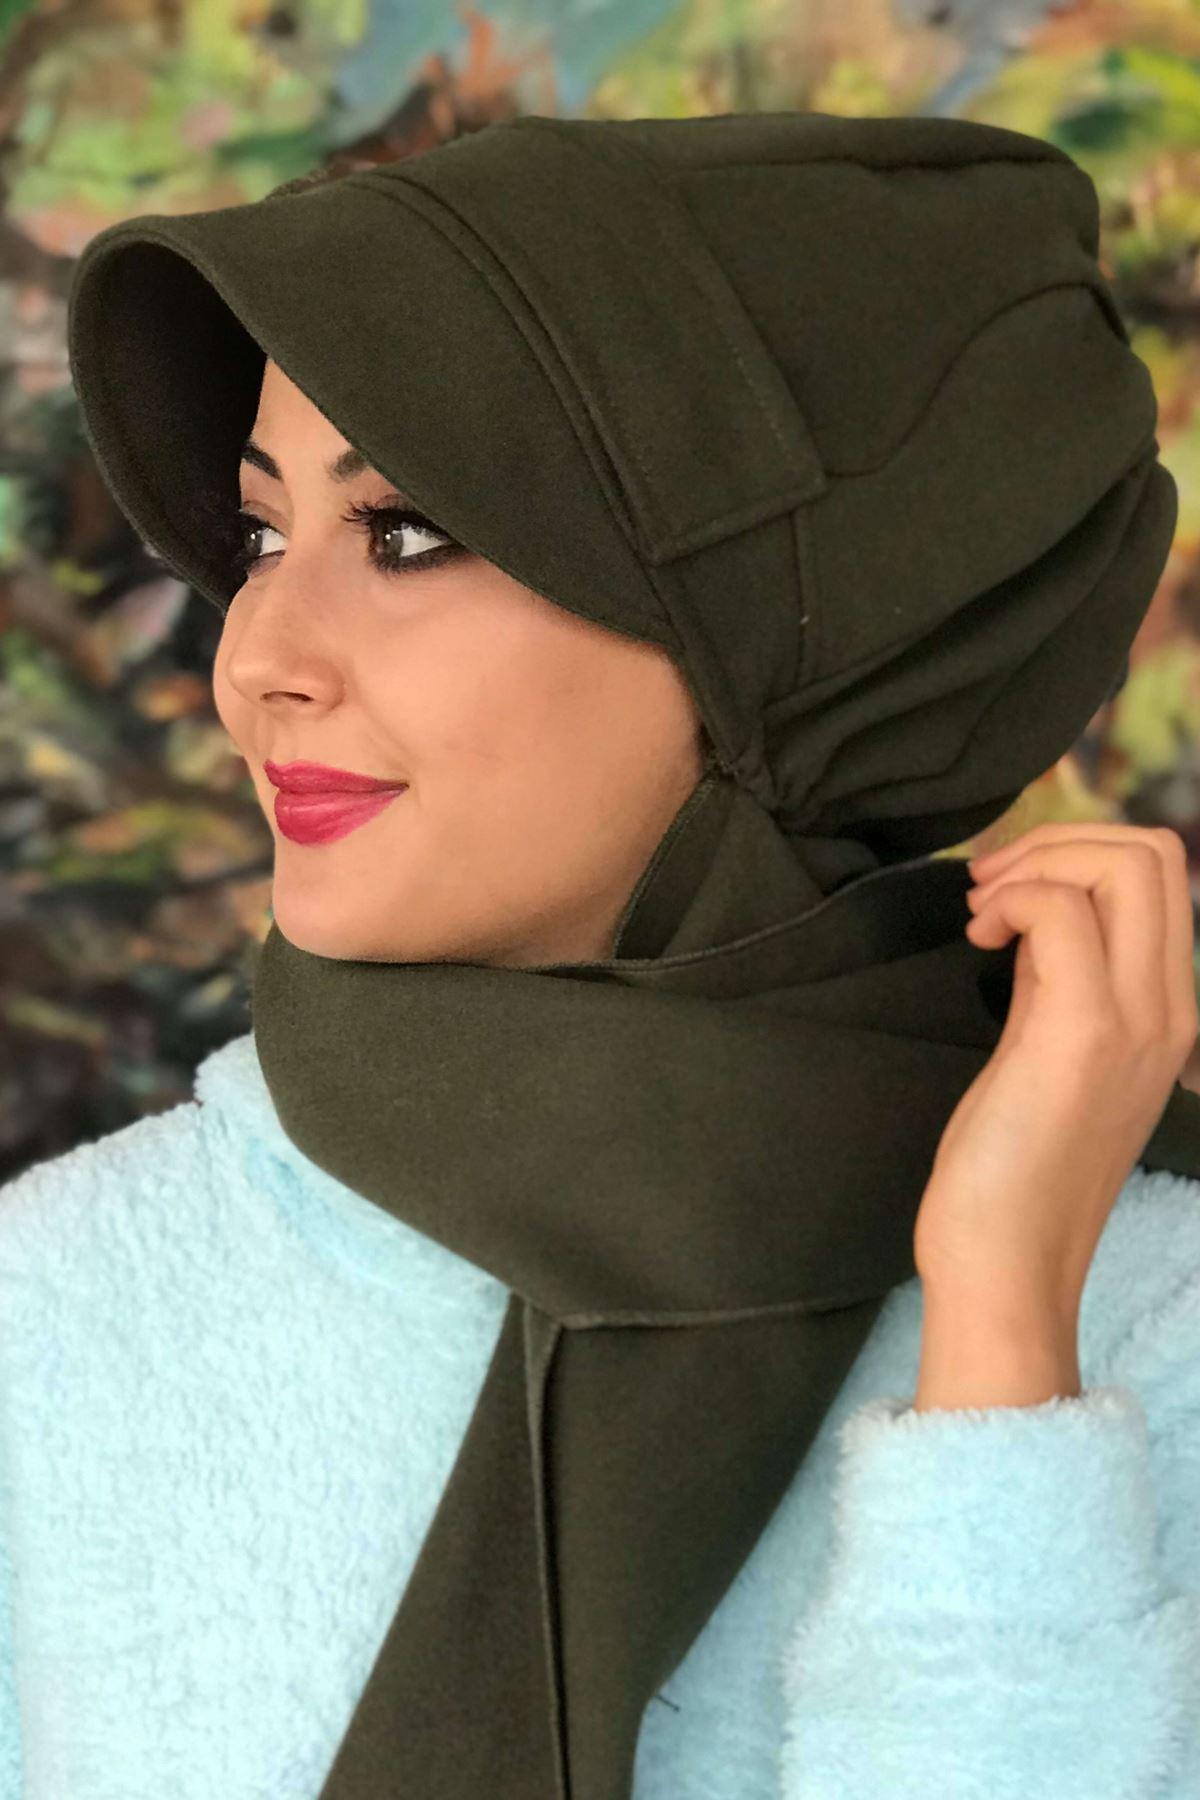 Haki Yeşil Tokalı Kaşe Şapka